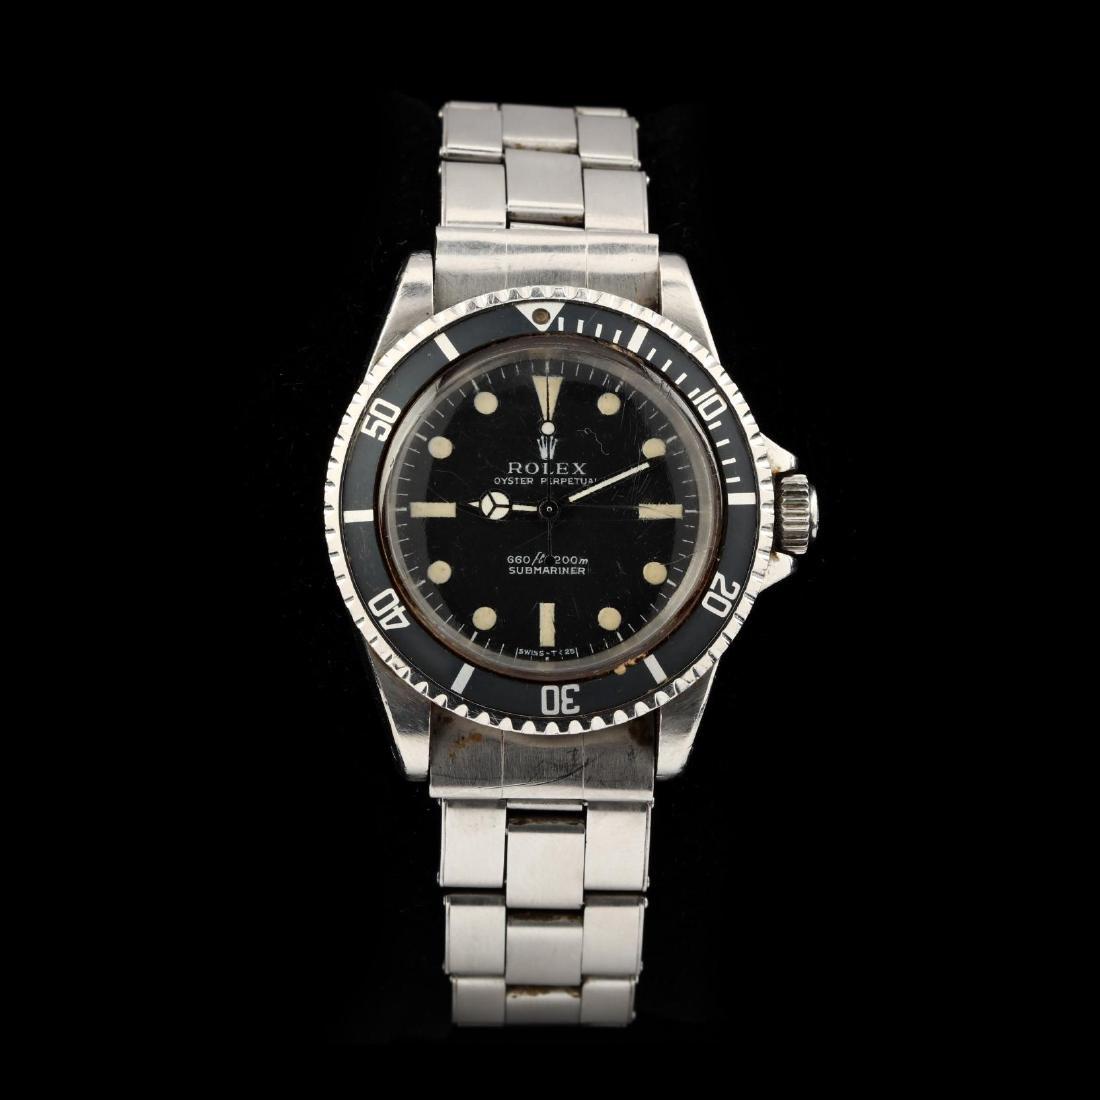 """Gent's Stainless Steel """"Submariner"""" Watch, Rolex"""